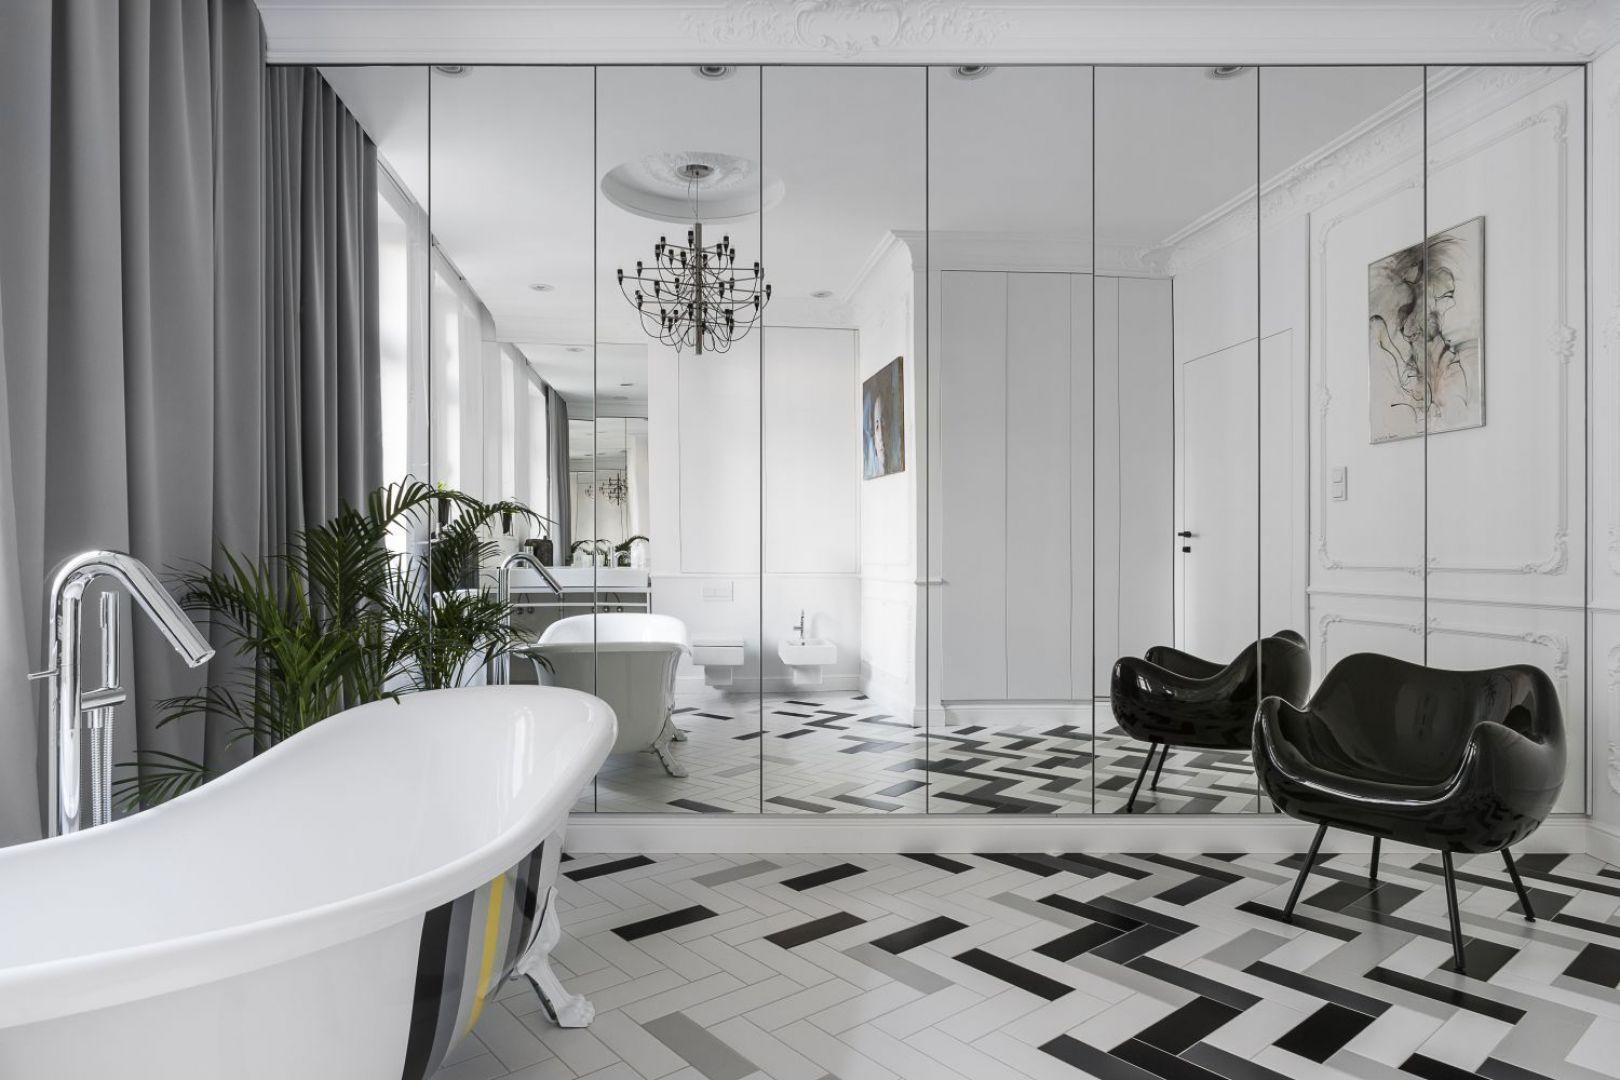 Dopełnieniem wysmakowanej aranżacji jest czarny fotel Rm58 będący reedycją kultowego modelu zaprojektowanego przez Romana Modzelewskiego w 1958 roku. Projekt: Anna Maria Sokołowska. Fot. Foto&Mohito